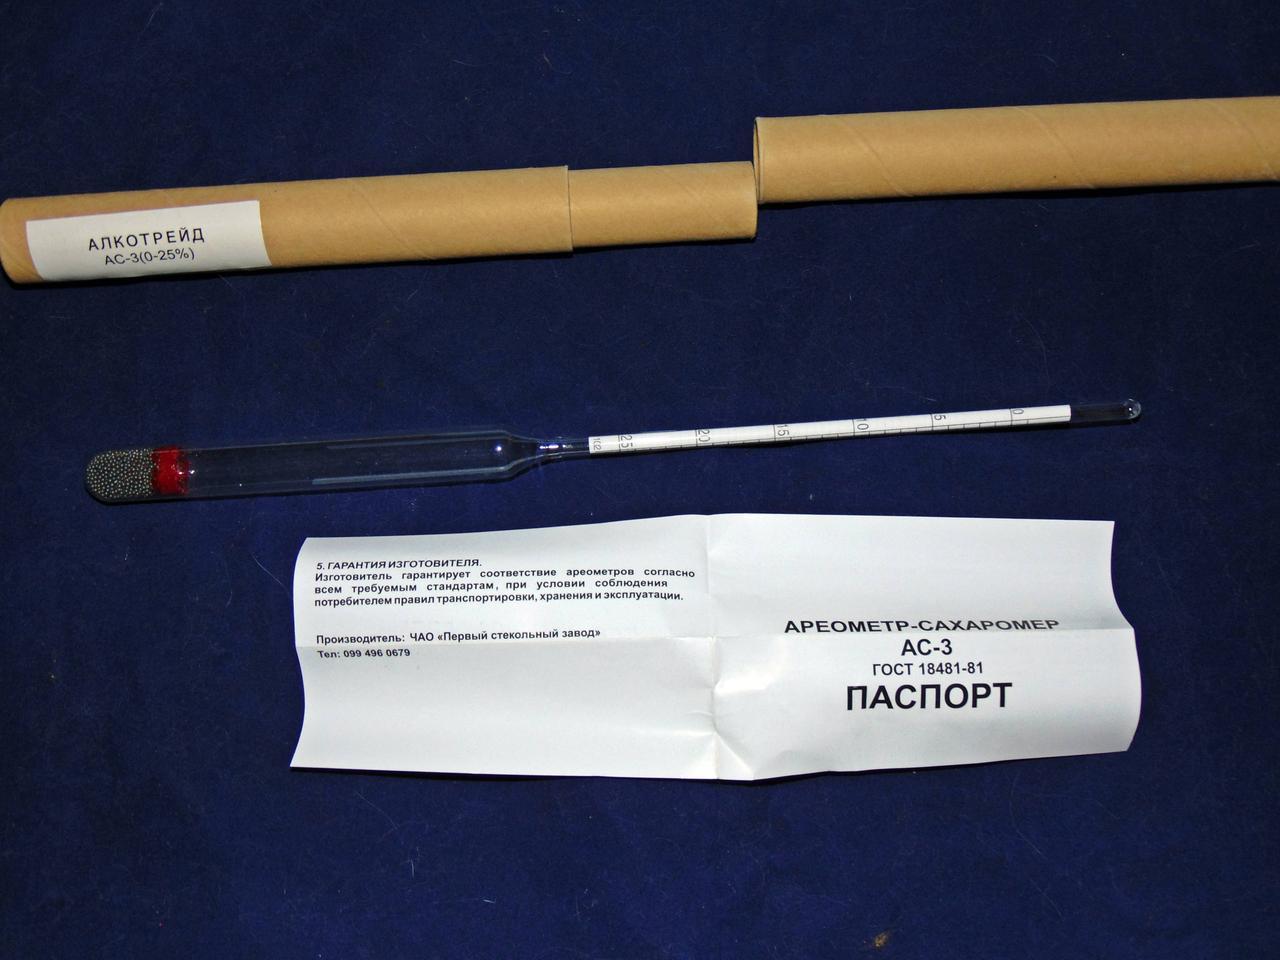 Сахаромер Ареометр АС-3 0-25%